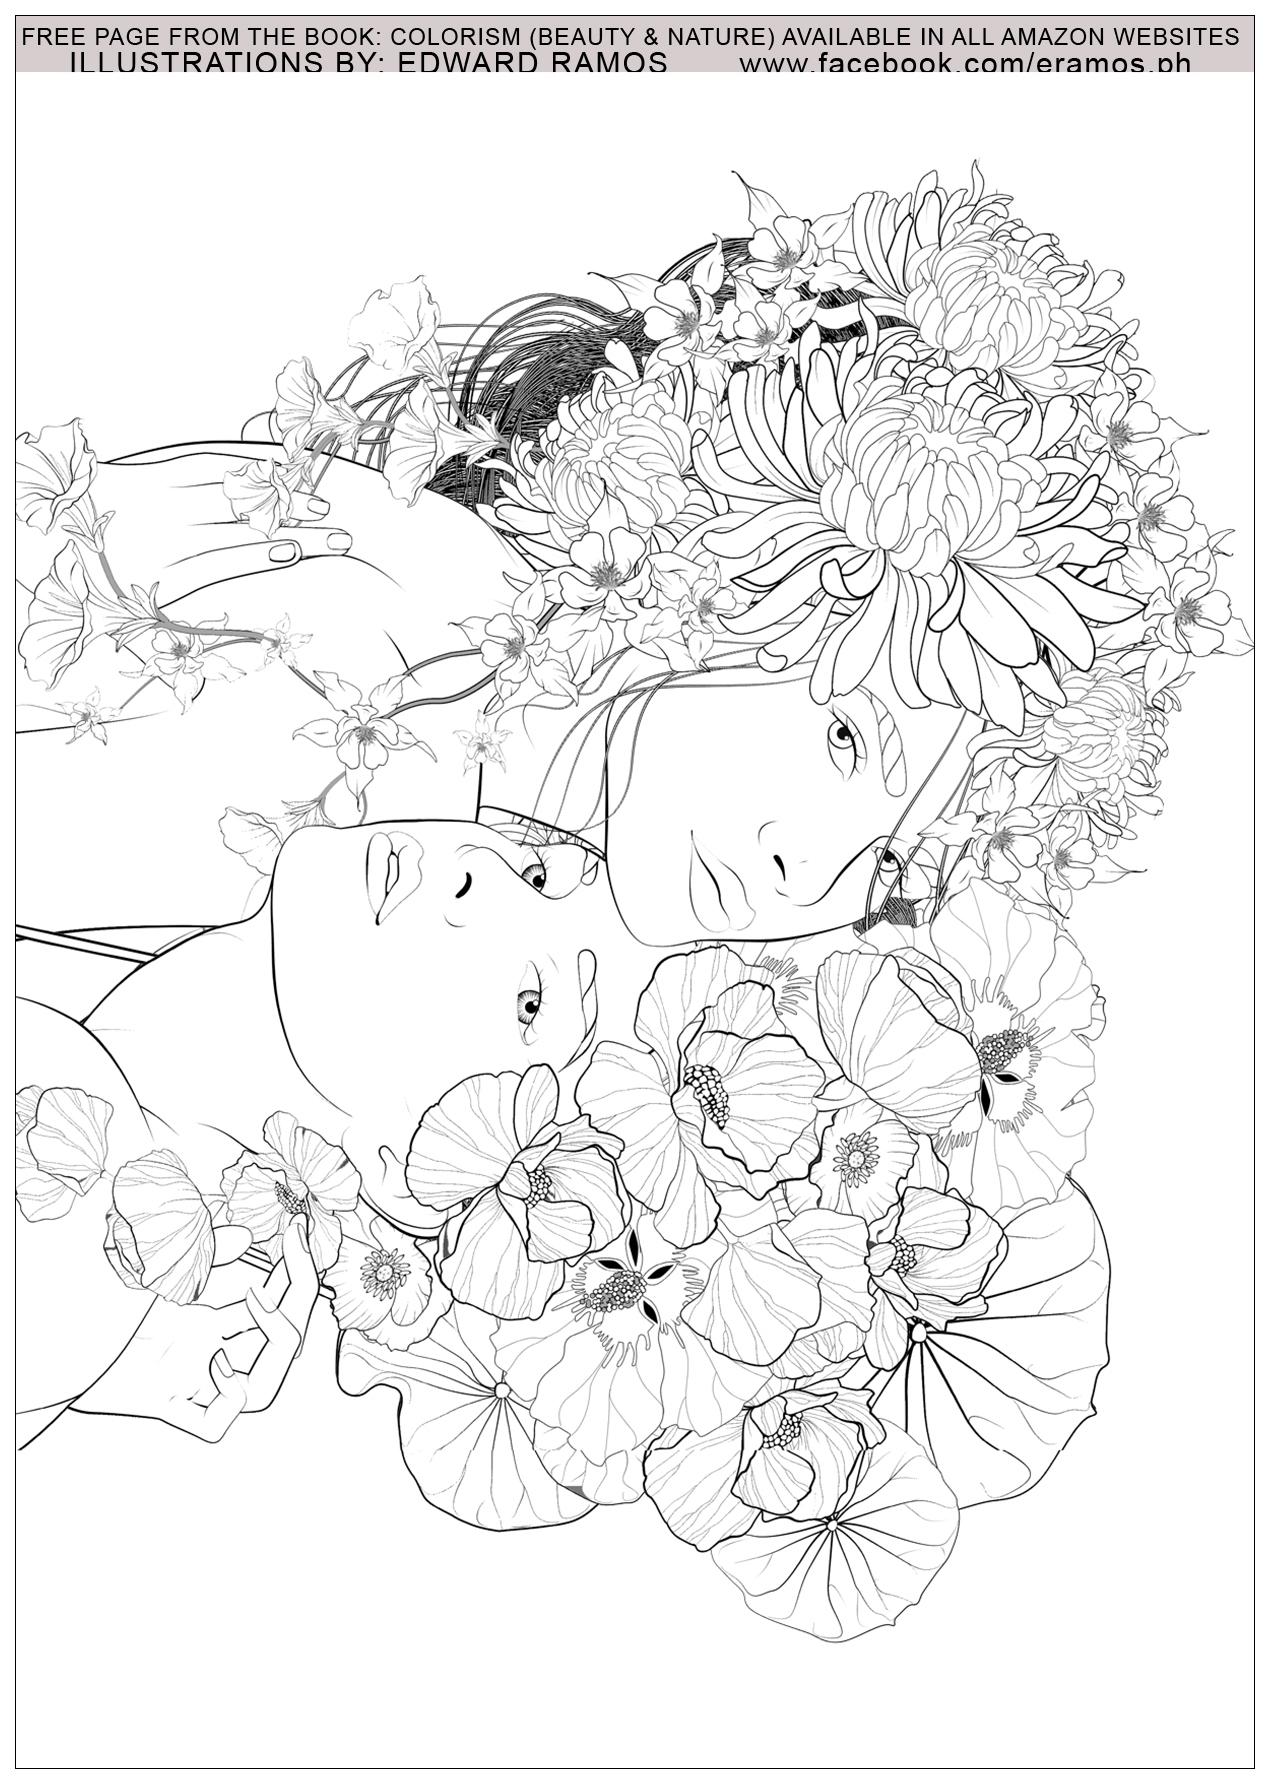 Disegni da colorare per adulti : Anti-stress / Zen - 8